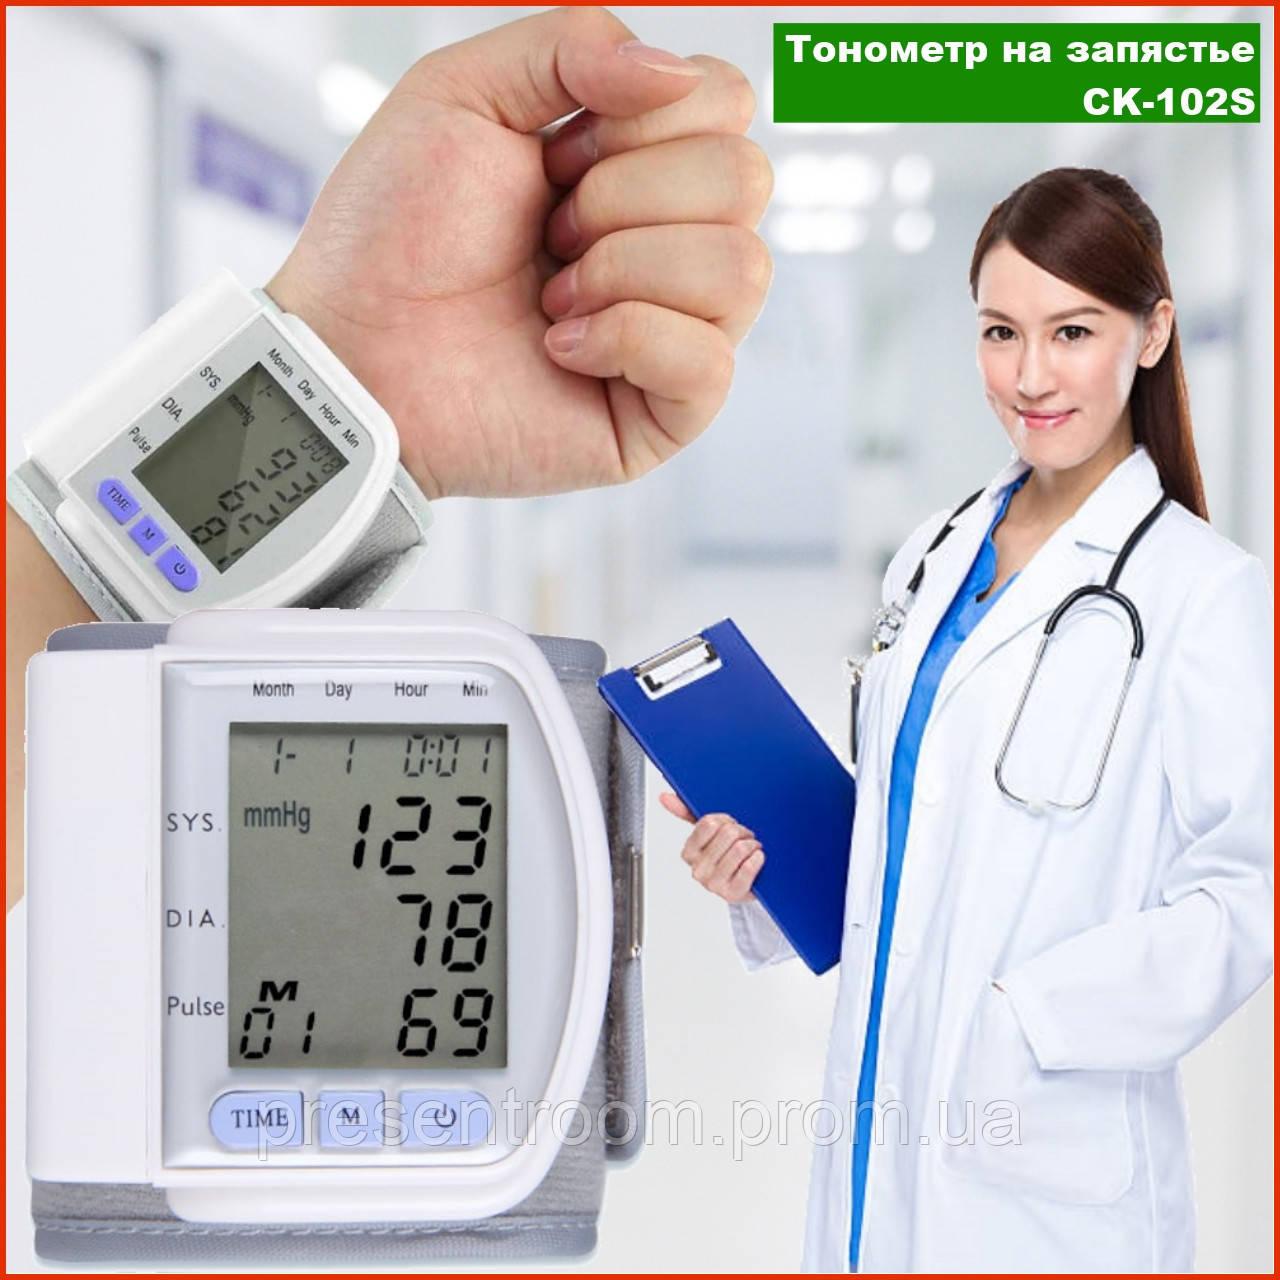 Цифровий тонометр на зап'ястя Blood Pressure Monitor CK-102S / апарат для вимірювання тиску і пульсу